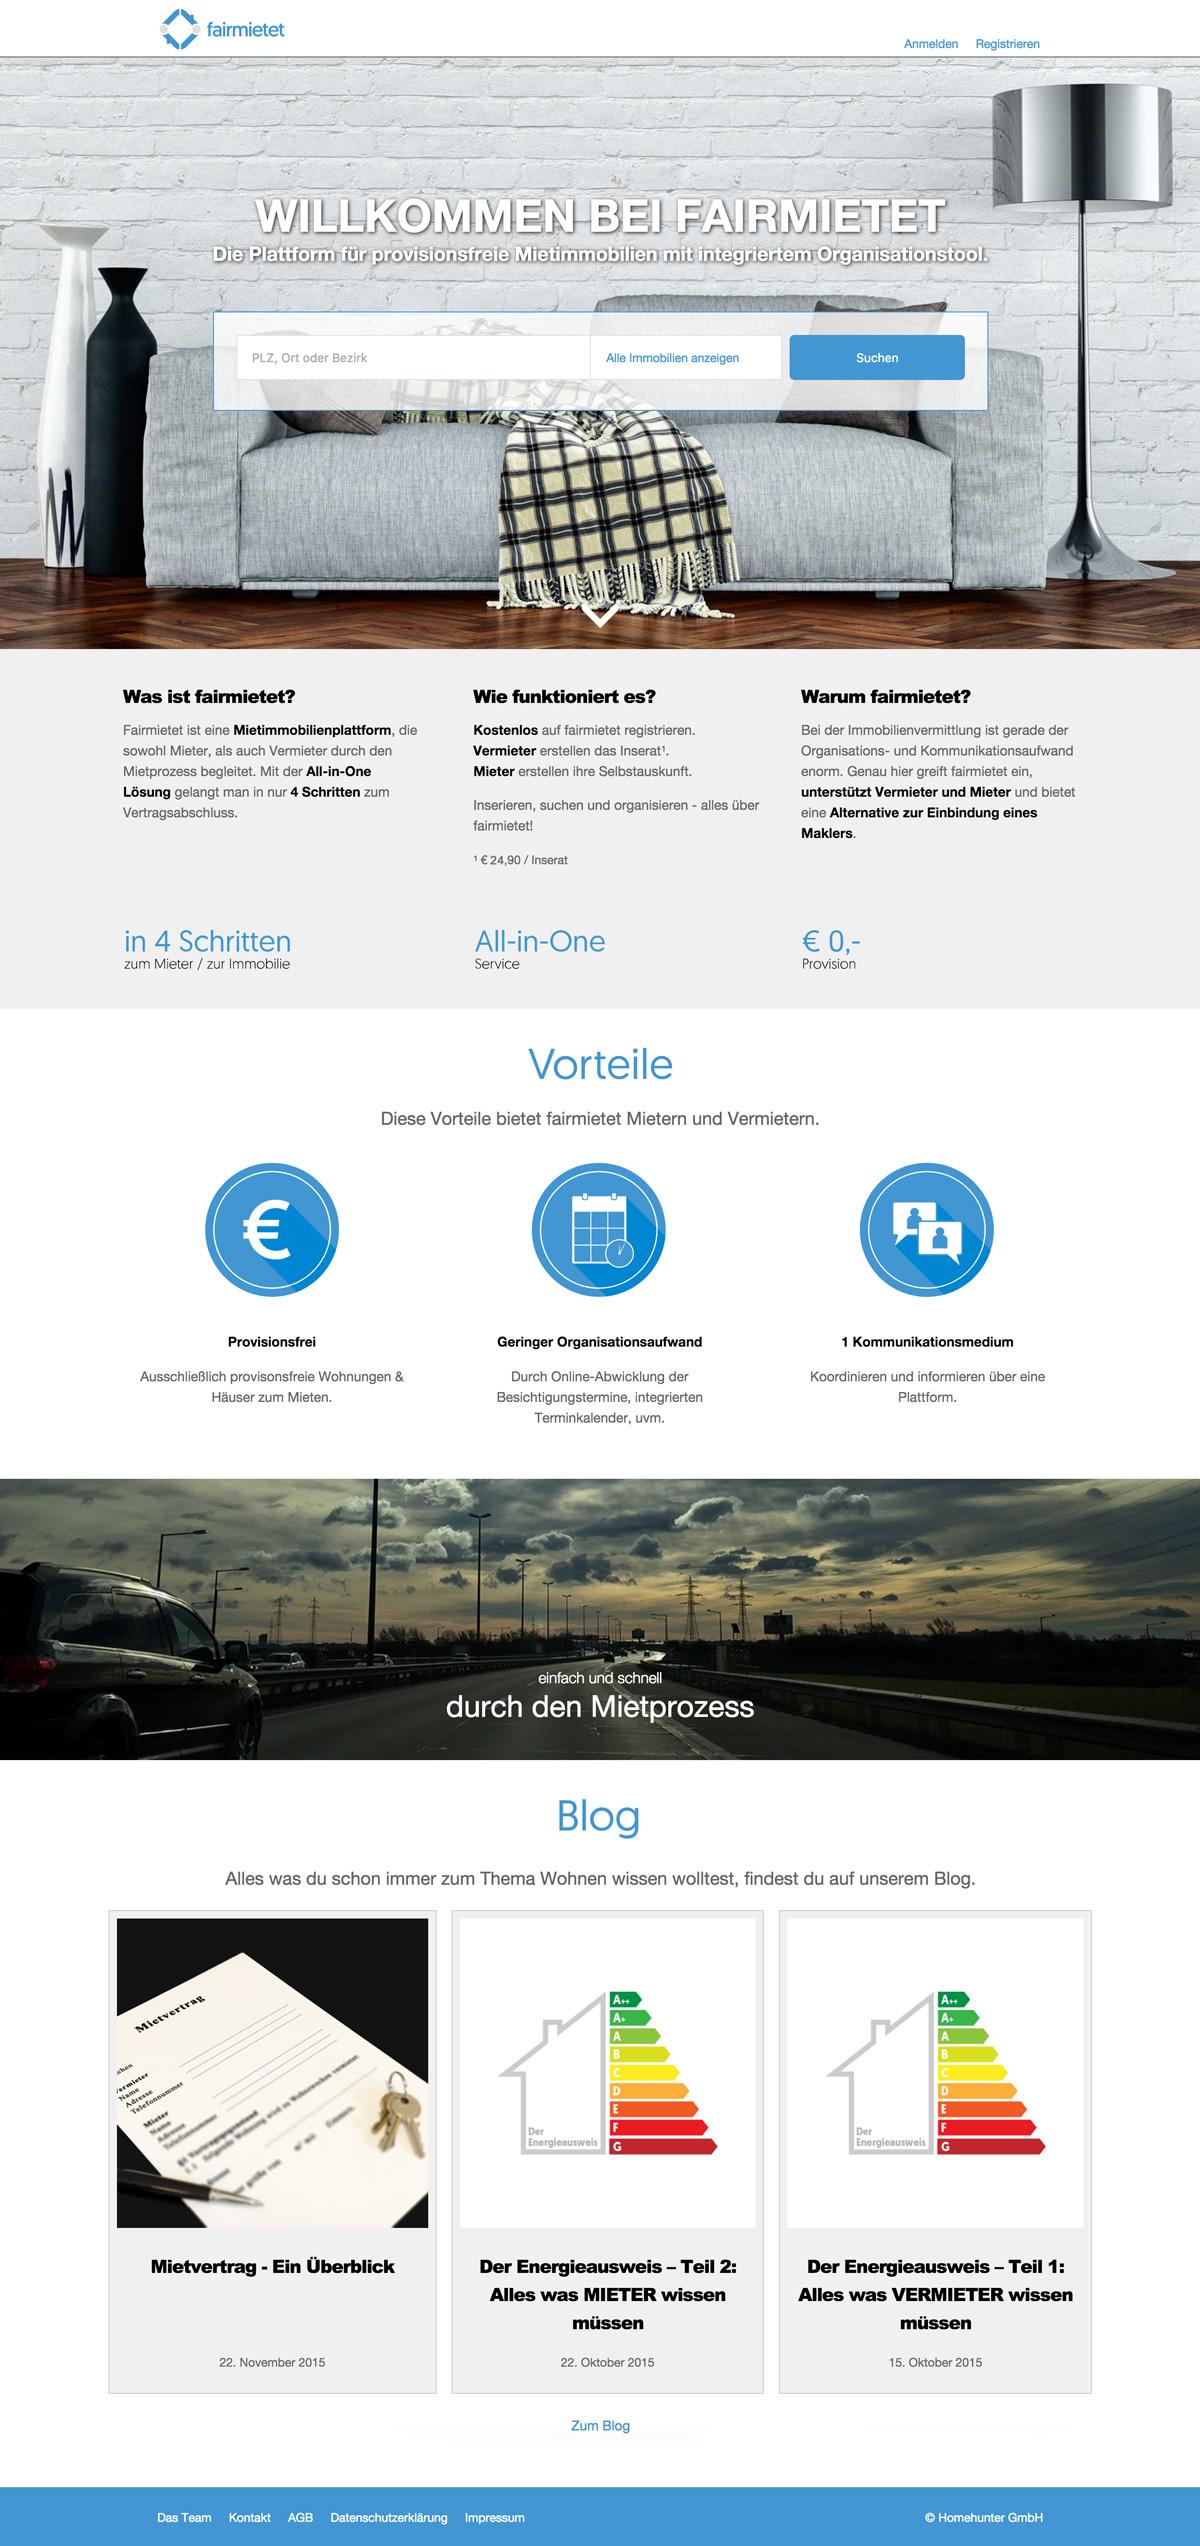 fairmietet home page